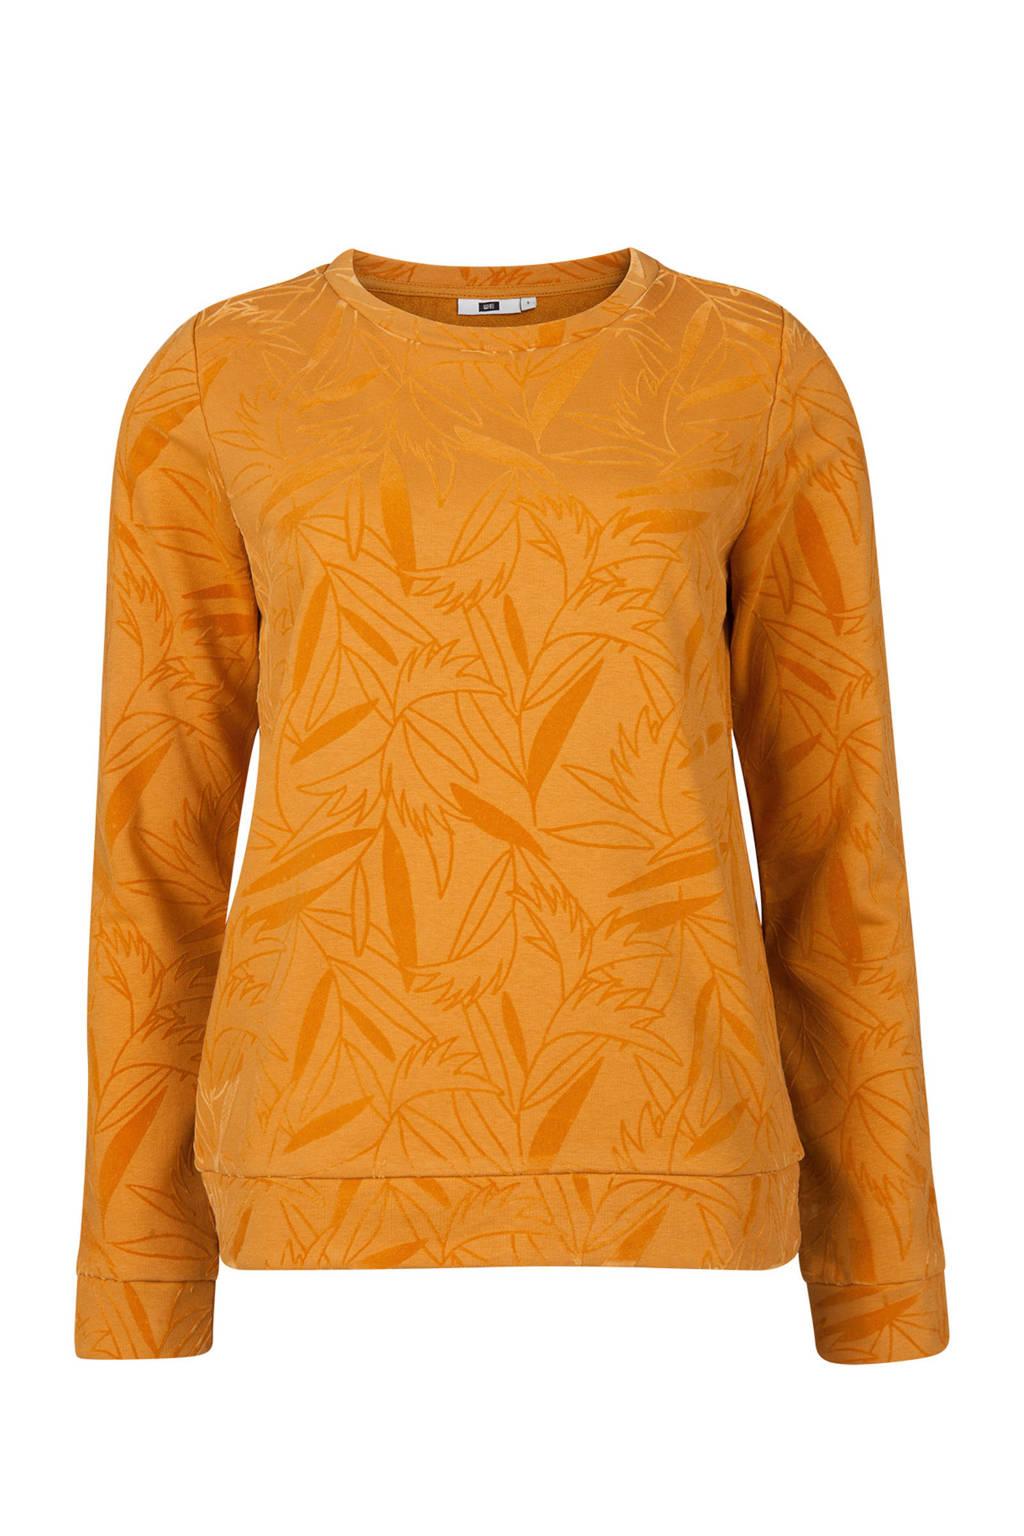 WE Fashion trui met fluweel print, Geel